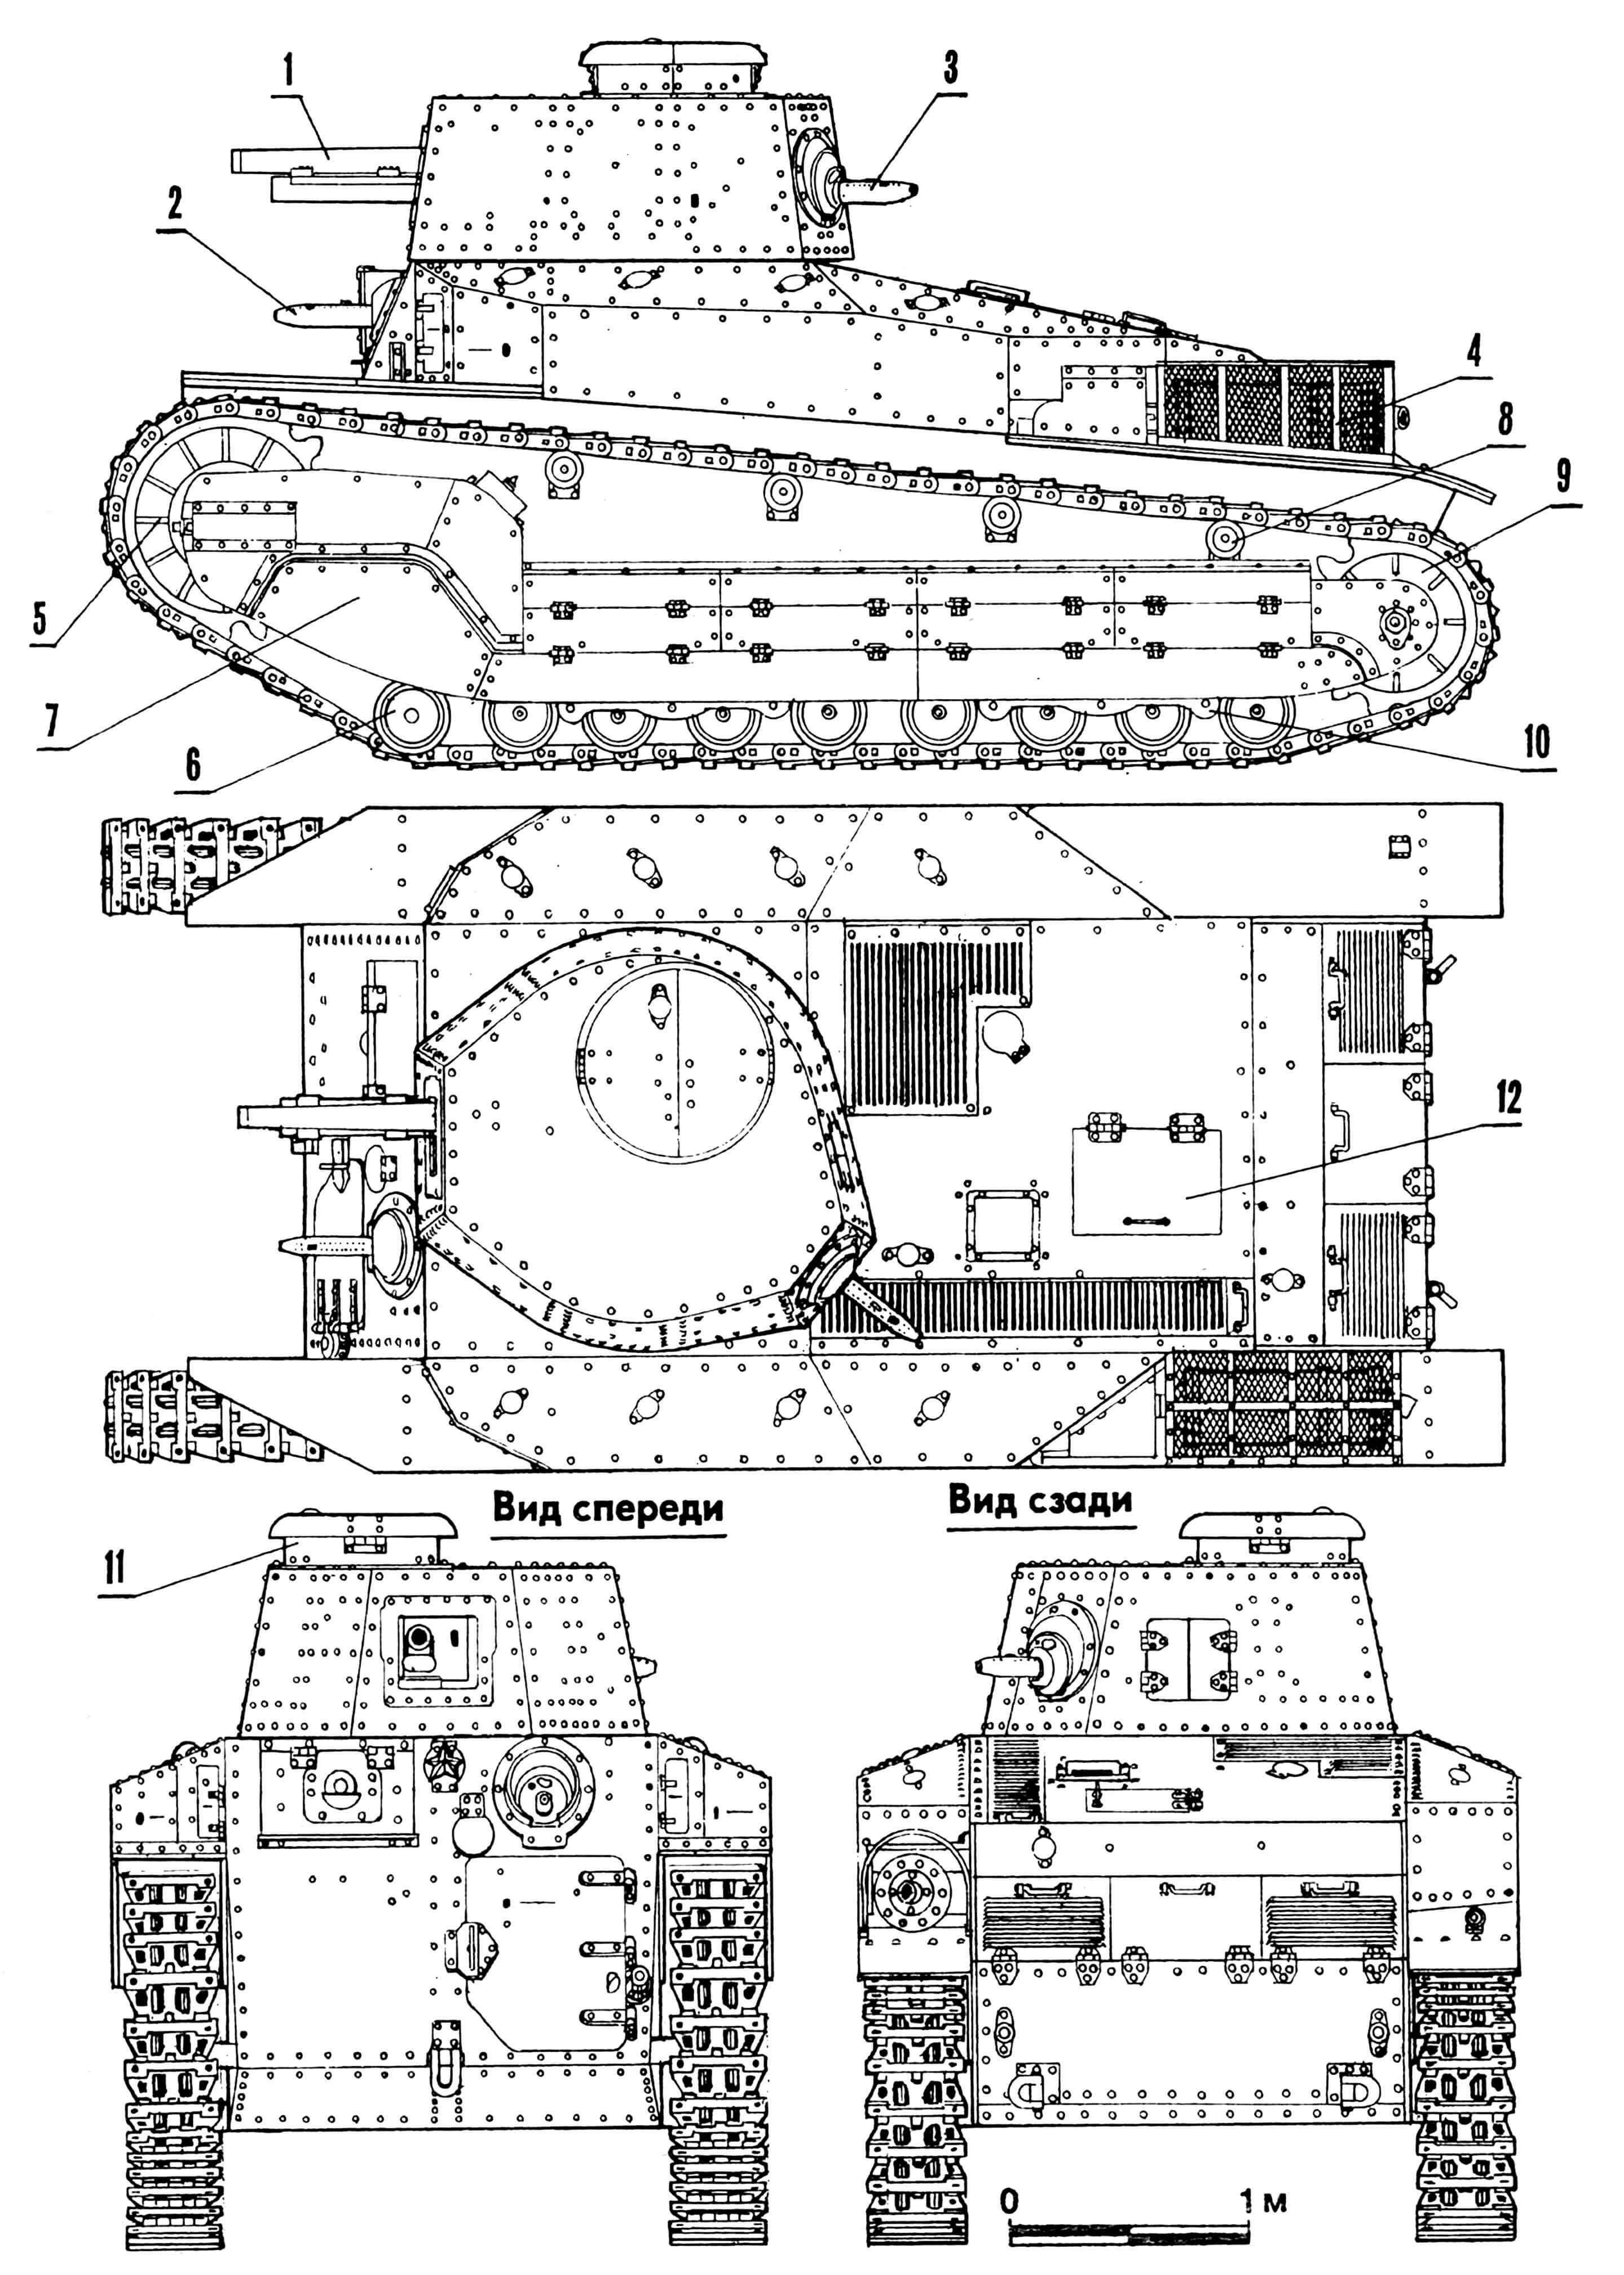 Средний танк «94»: 1 — 57-мм пушка, 2 — курсовой пулемет, 3 — башенный пулемет, 4 — защитная сетка глушителя, 5 — направляющее колесо с натяжным механизмом, 6 — передний опорный каток, 7 — броневая защита ходовой части, 8 — поддерживающий каток, 9 — ведущее колесо, 10 — тележка подвески, 11—командирская башенка, 12 — люк доступа к двигателю.